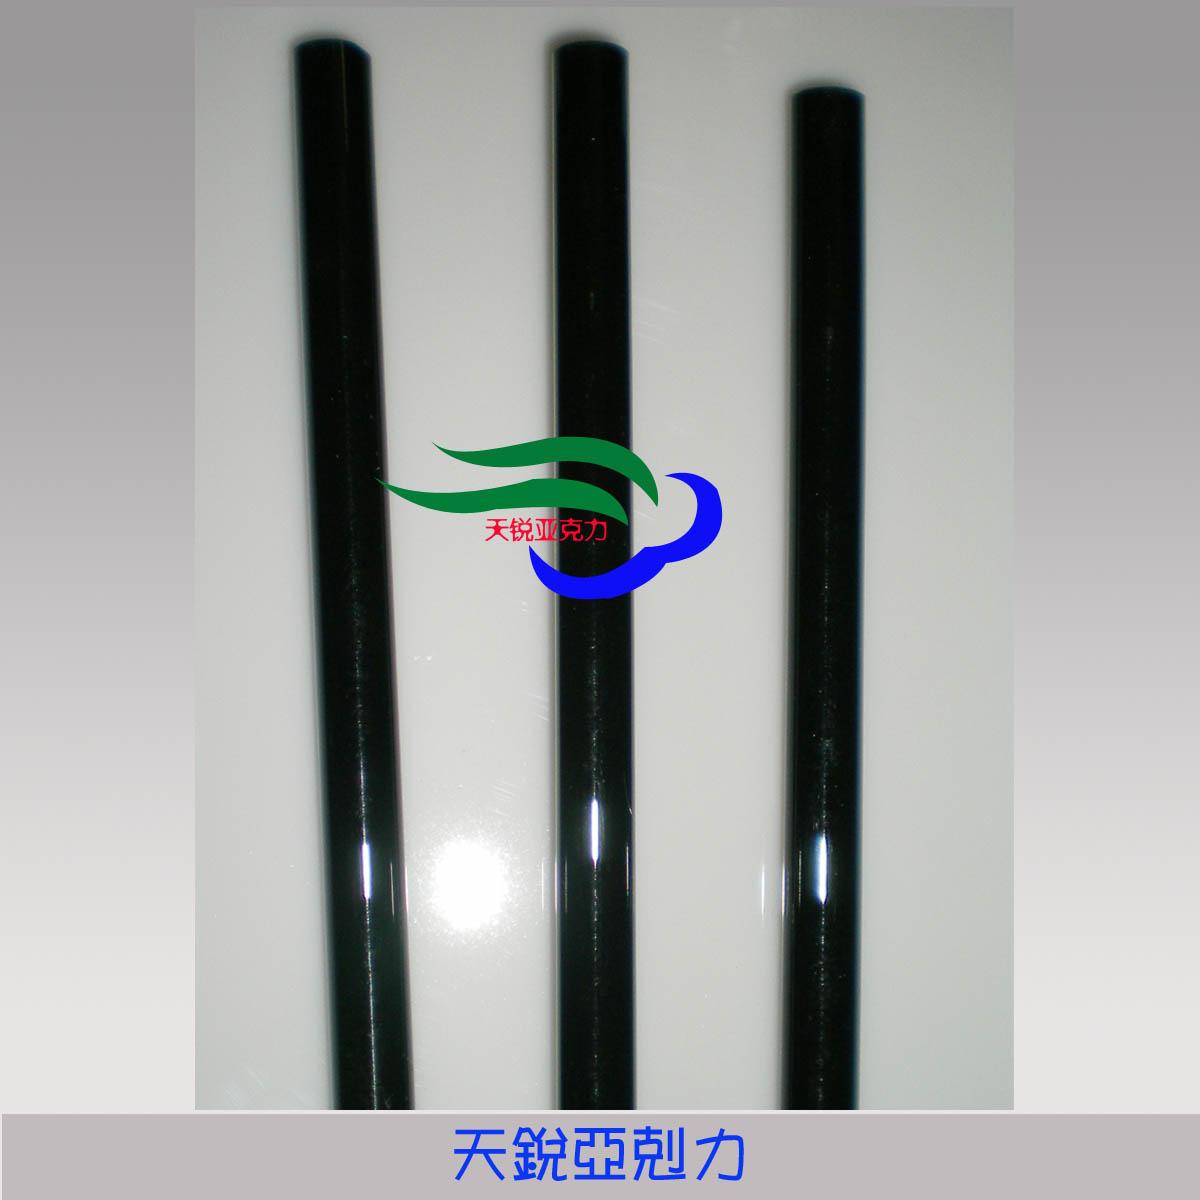 Трубка из оргстекла Оргстекла акриловый черный черный черный акриловые стержень стержень кронштейн ноги давления диаметр ролика: 18 мм